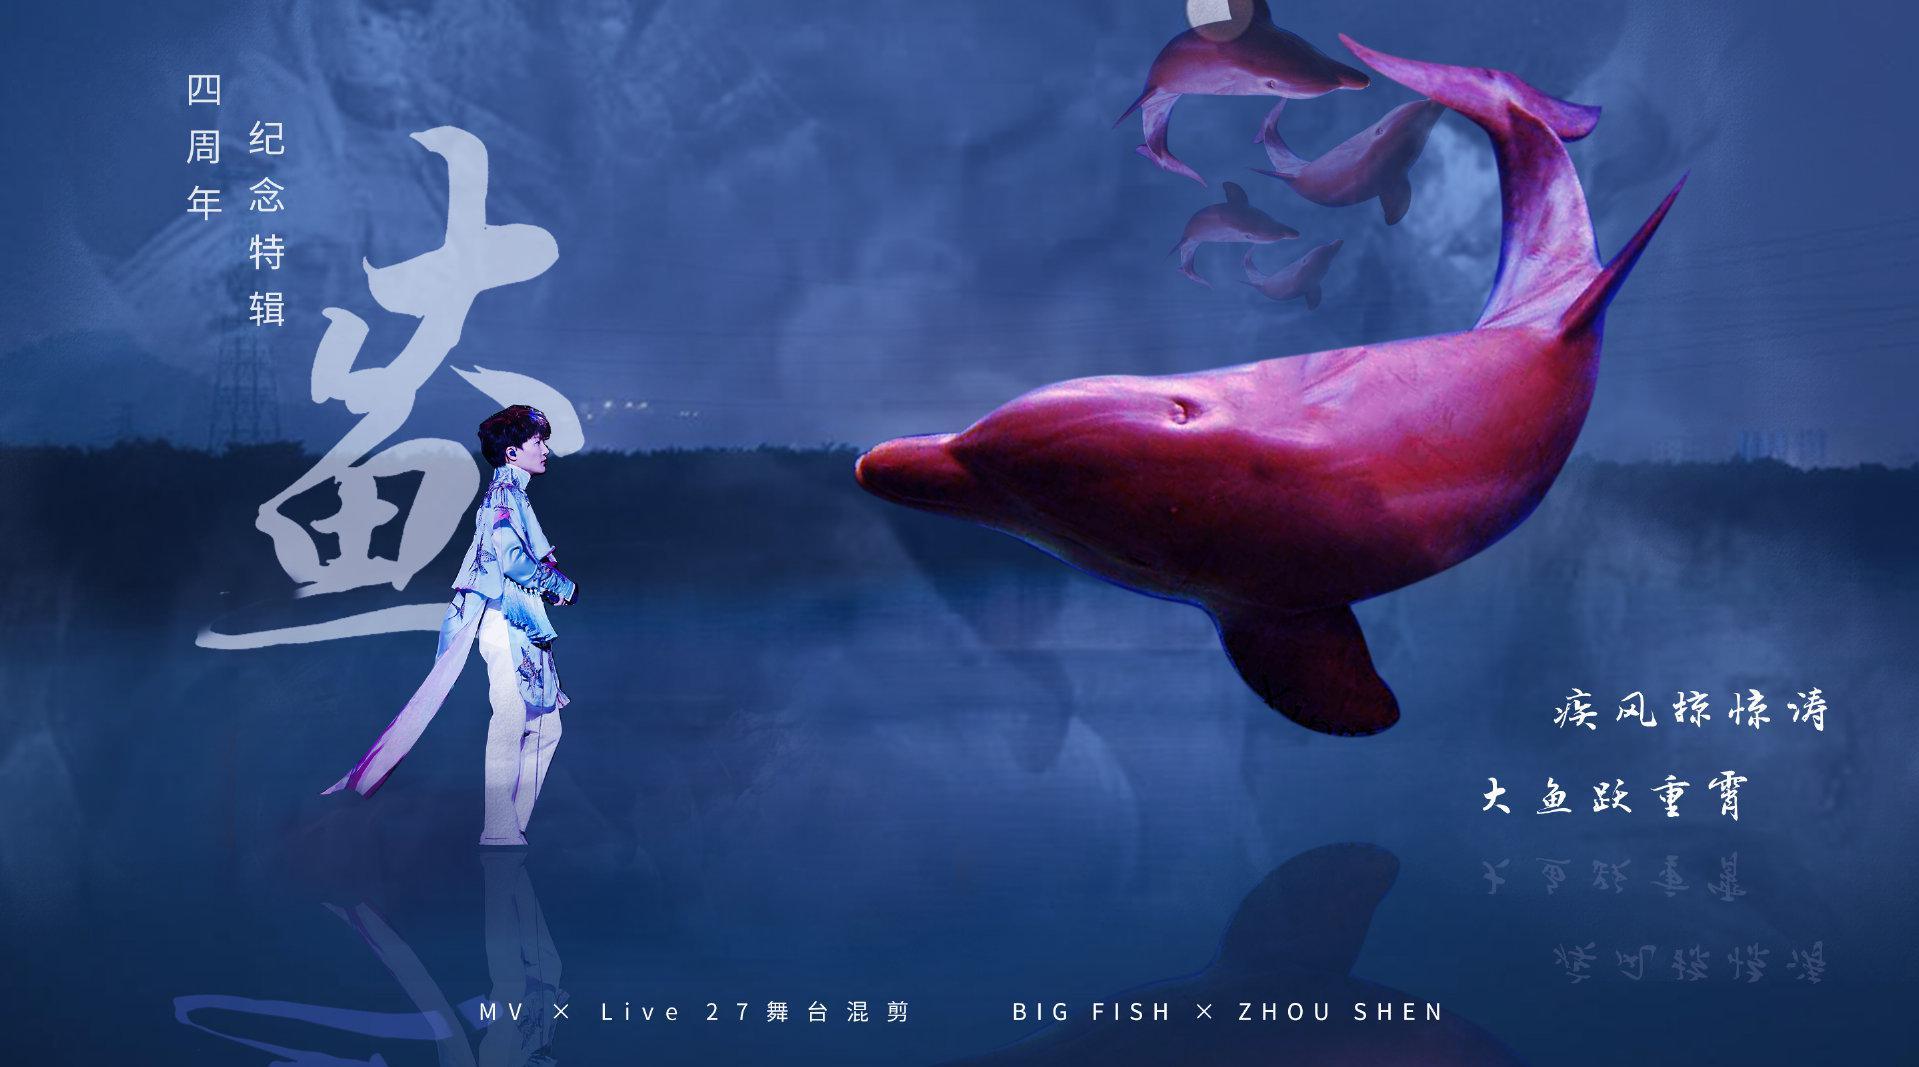 周深《大鱼》四周年纪念特辑_27舞台混剪